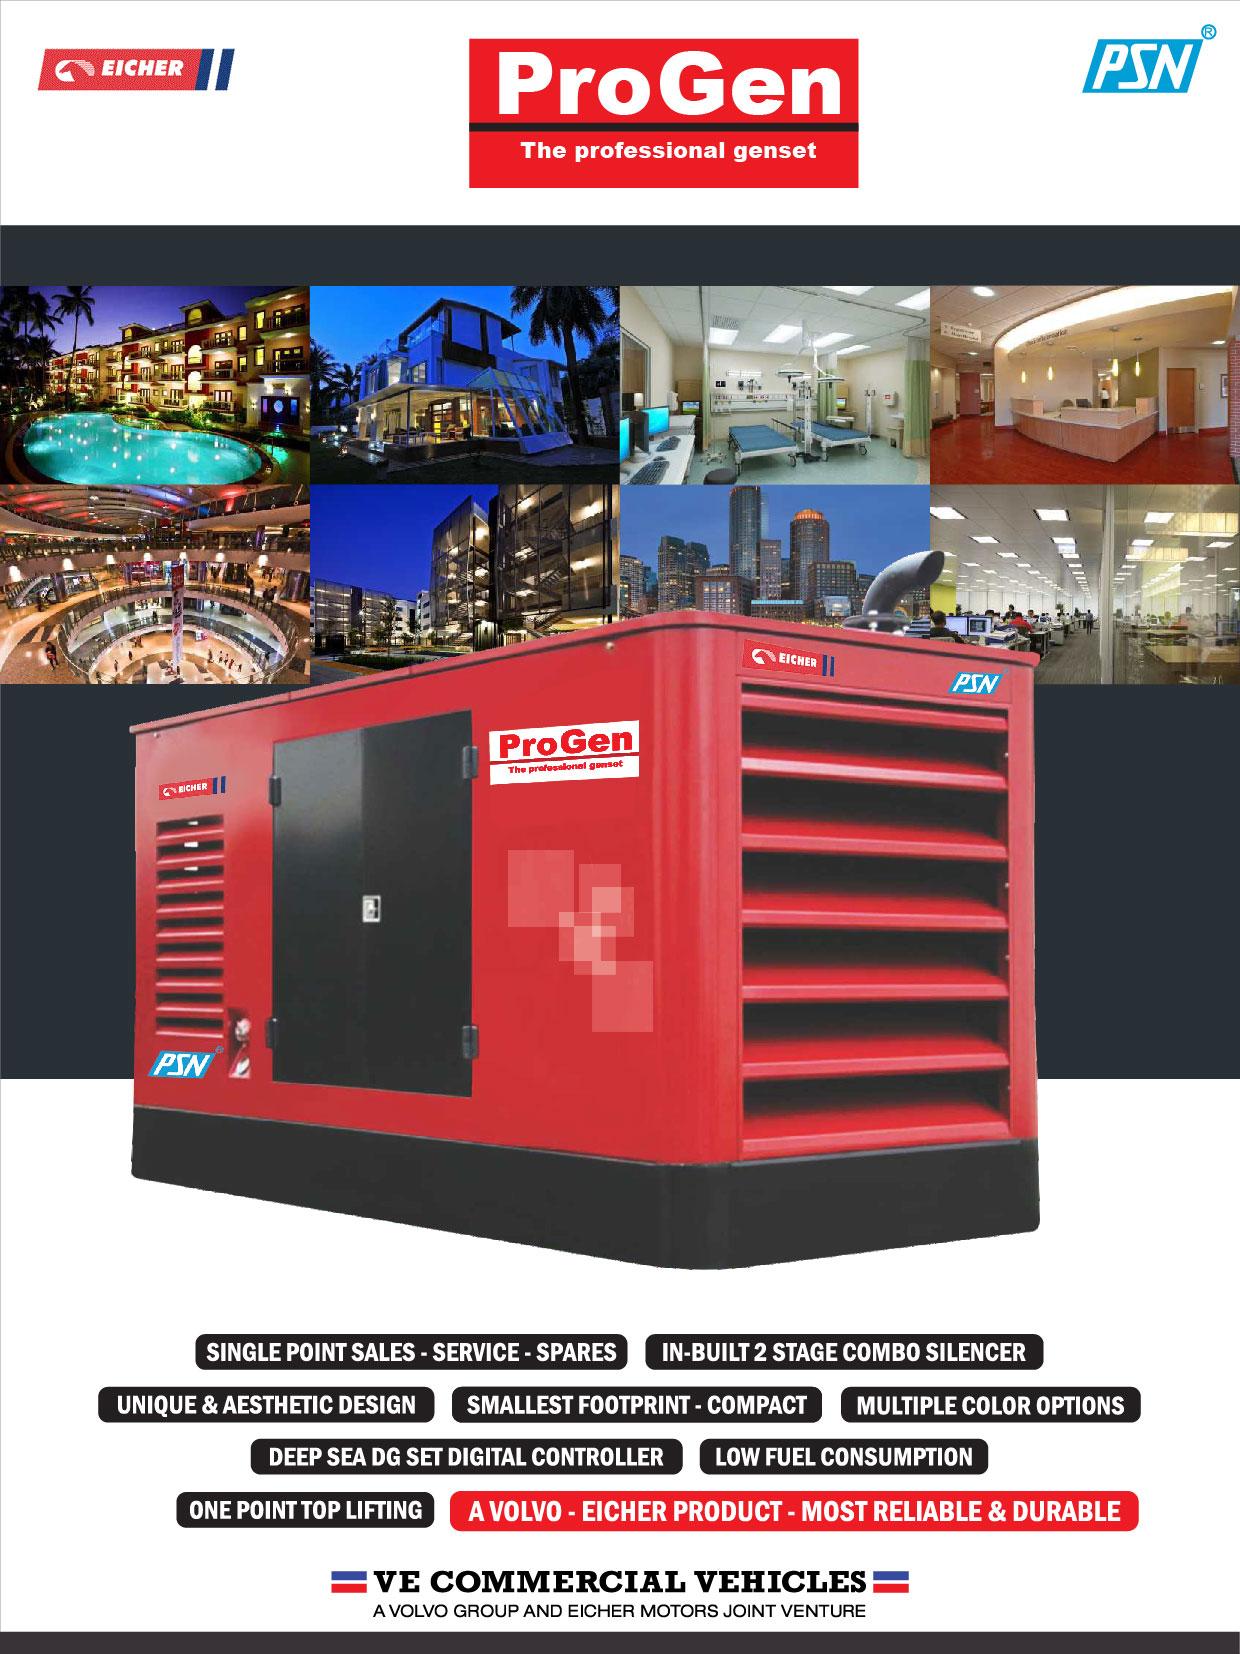 From 1 kva  to 500 kva generators